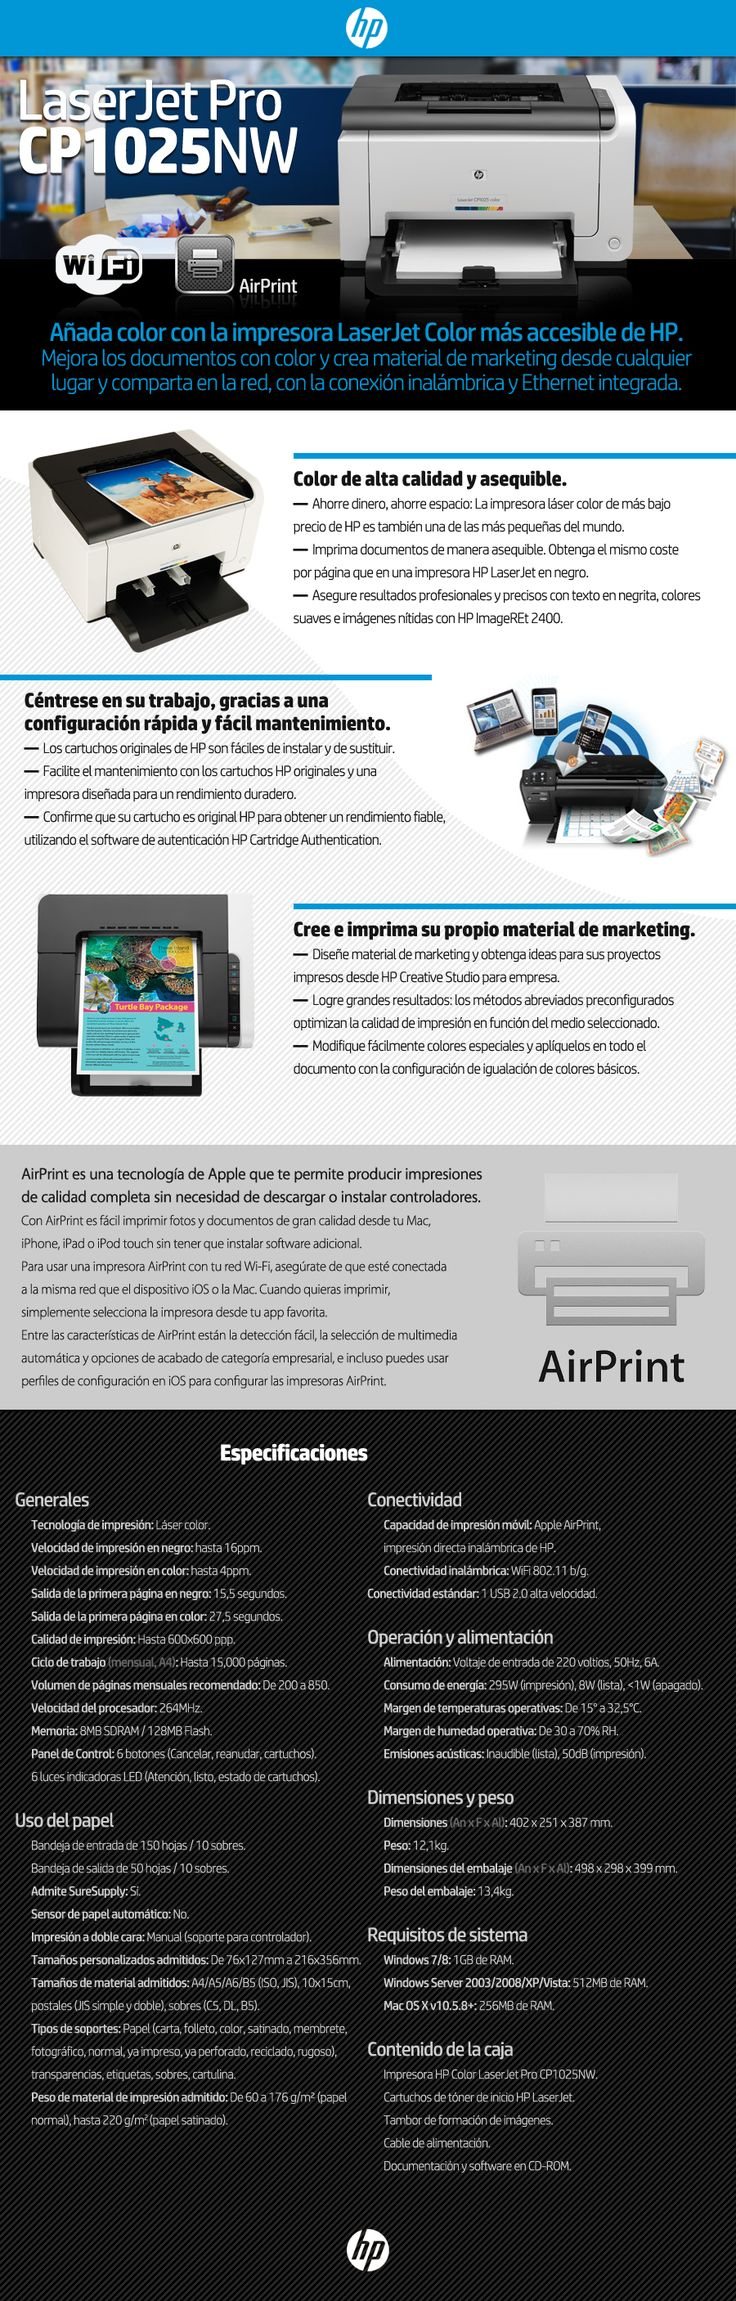 Impresora Laser Color Hp Cp1025nw 1025nw Red Wifi Usb Ce918a - $ 4.299,00 en Mercado Libre